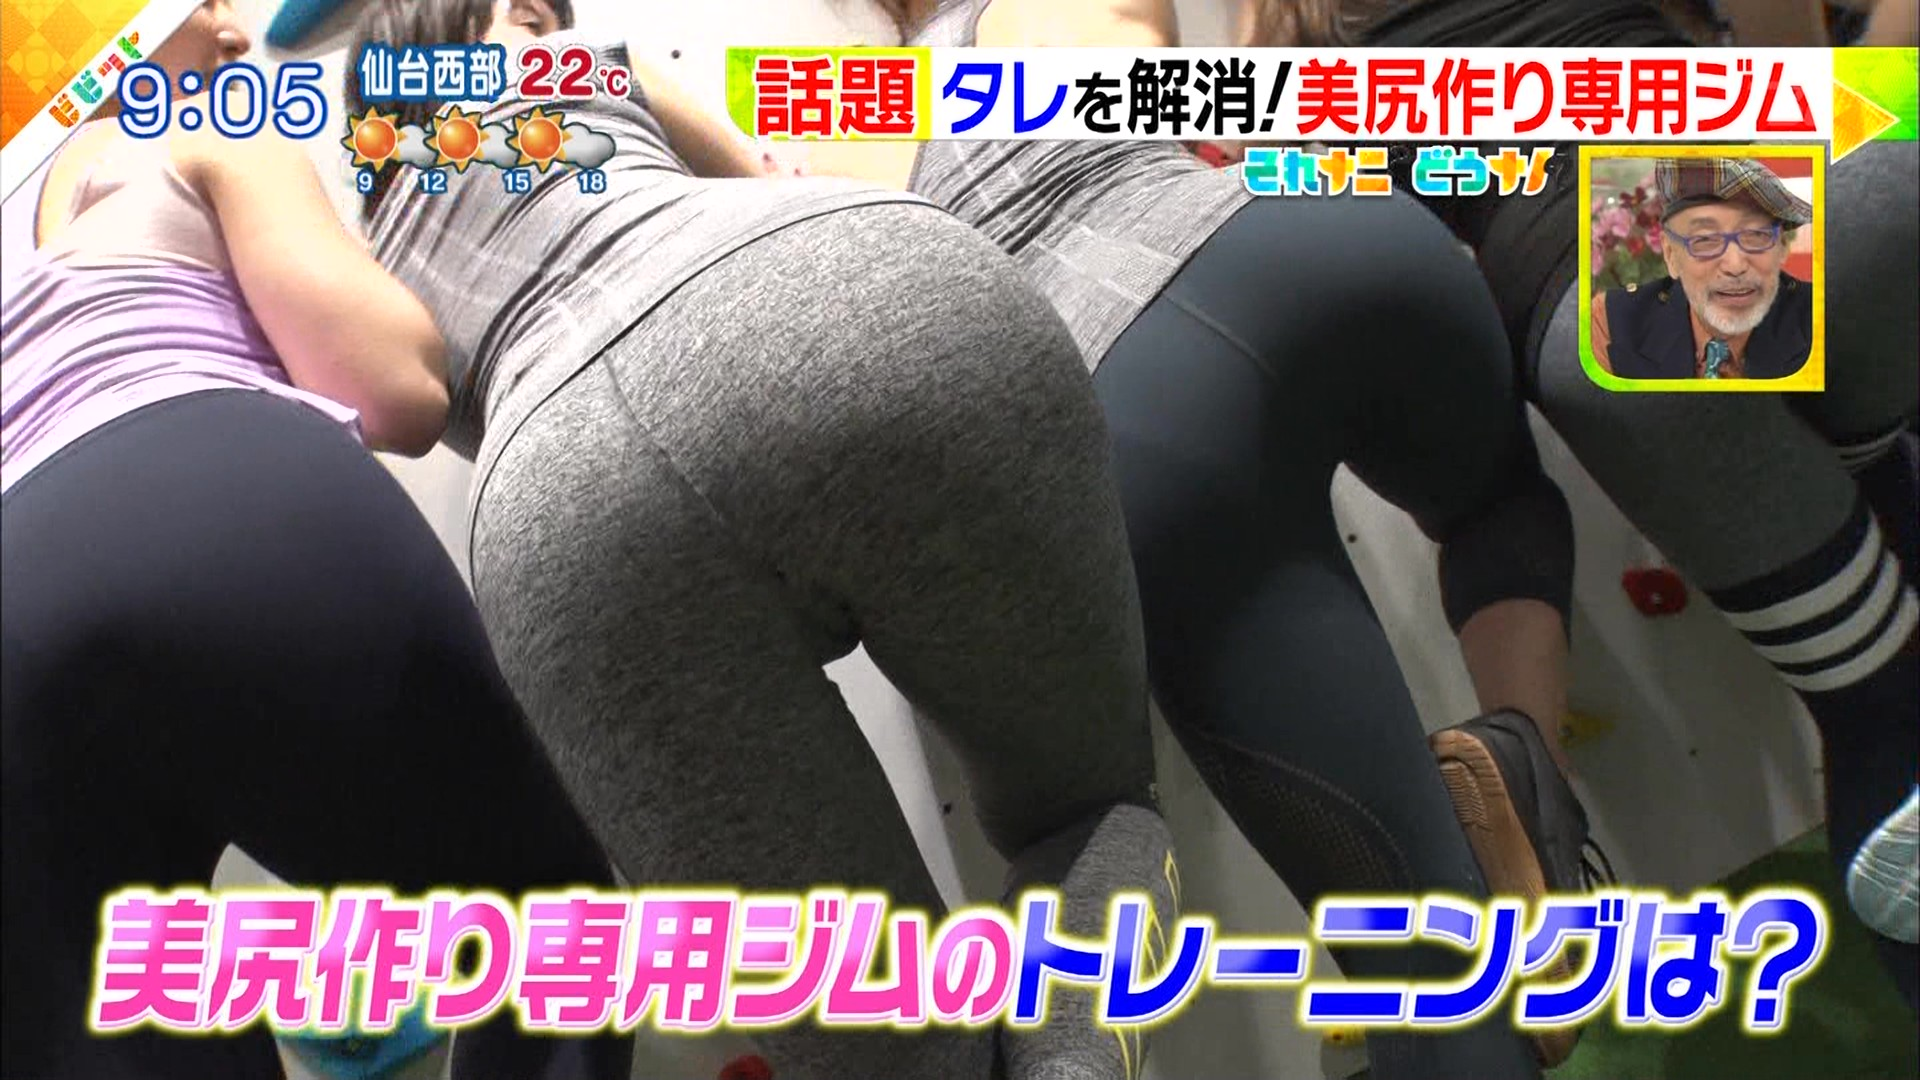 岡部友_美尻_スパッツ_テレビキャプ画像_02